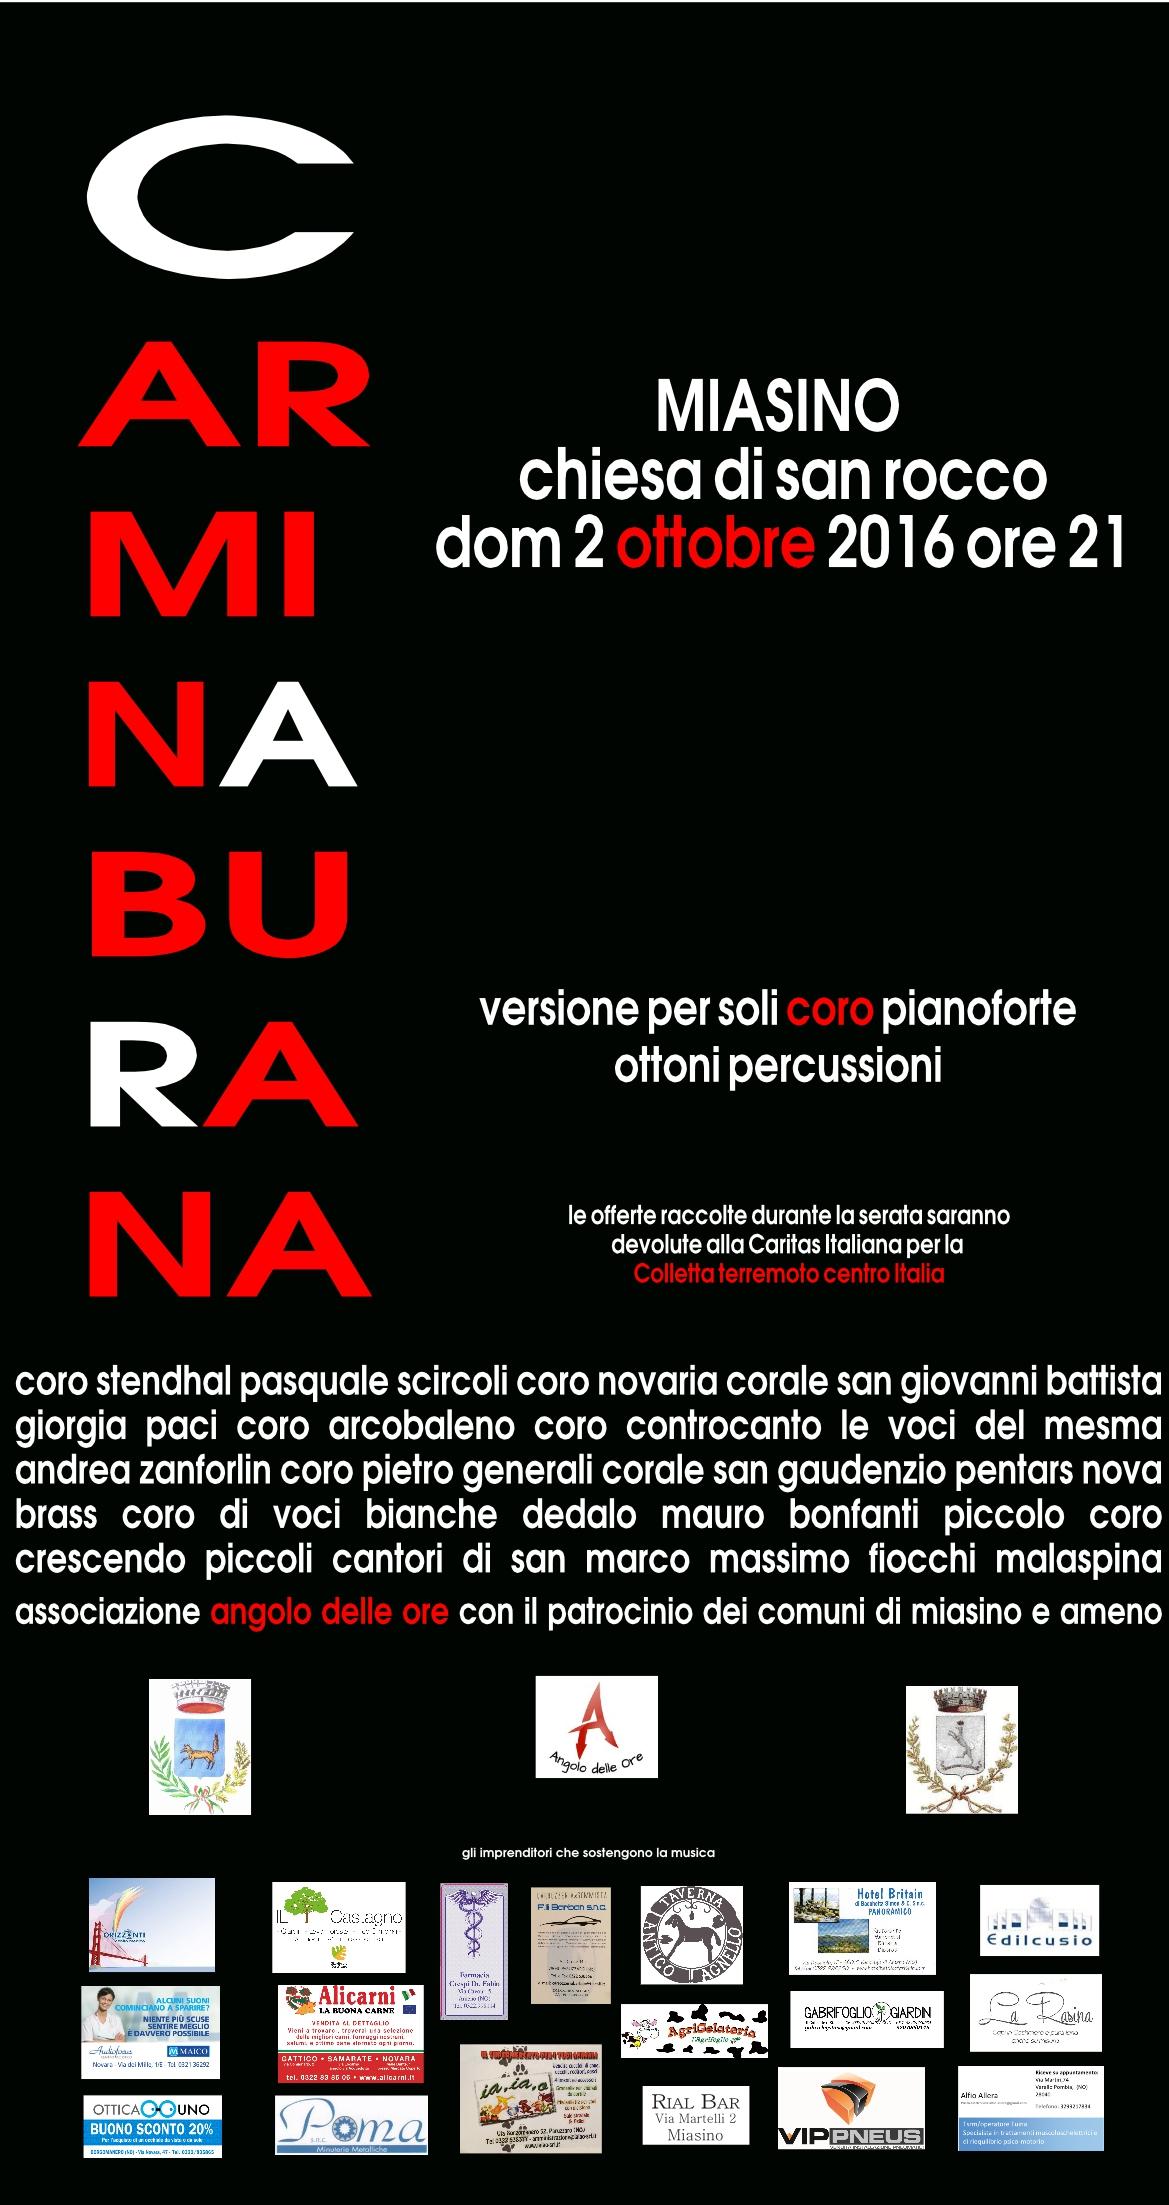 Mailing Carmina Burana Miasino 2 ottobre